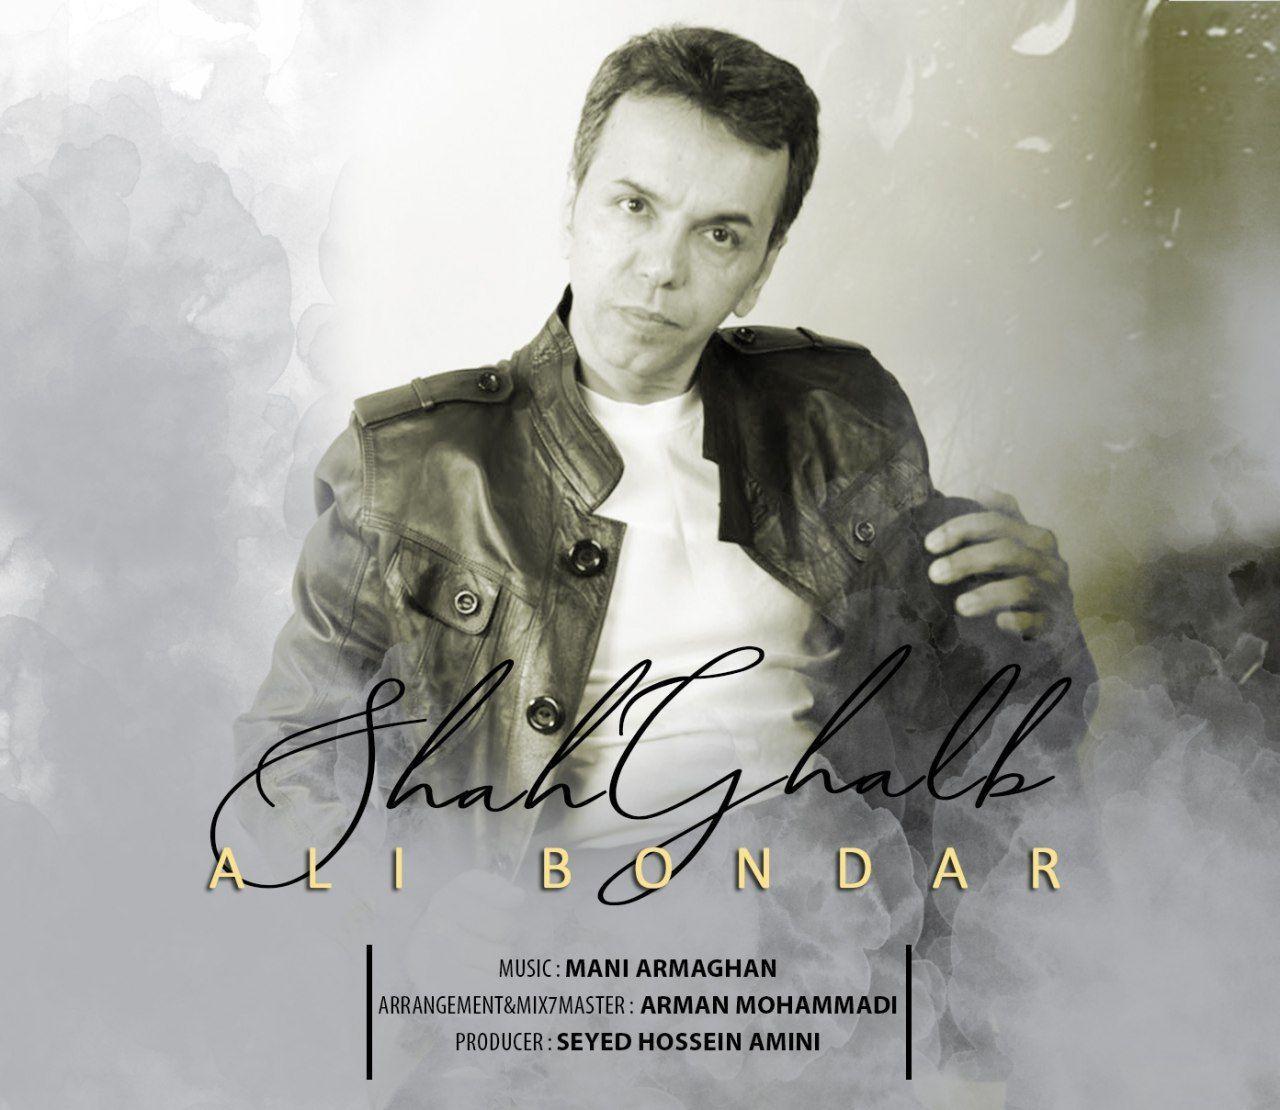 Ali Bondar – Shah Ghalb